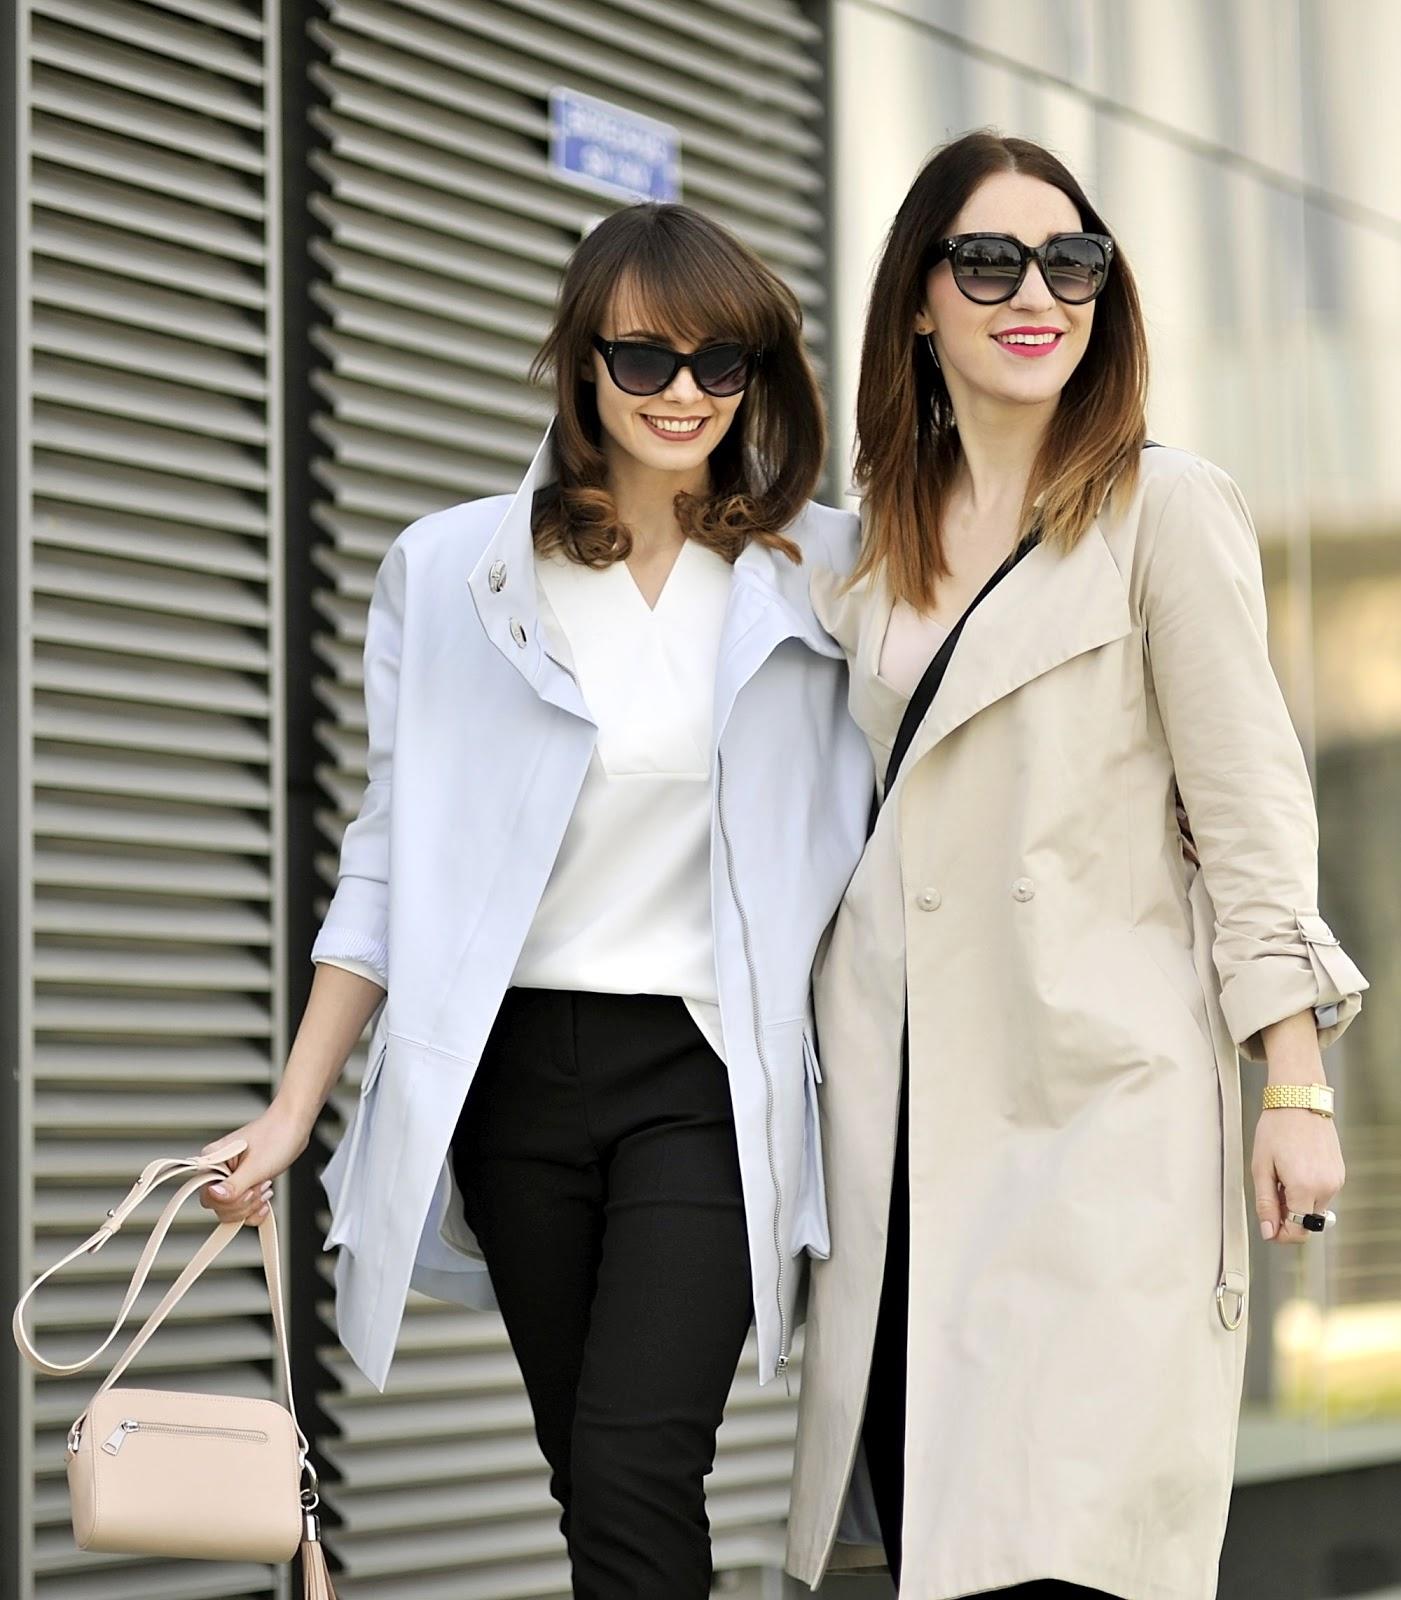 stylizacja na wiosne | blogi o modzie | blogerka modowa | blog o modzie | pastelowa torebka | shinysyl | codzienne ubrania | jak sie ubrac do pracy na kawe